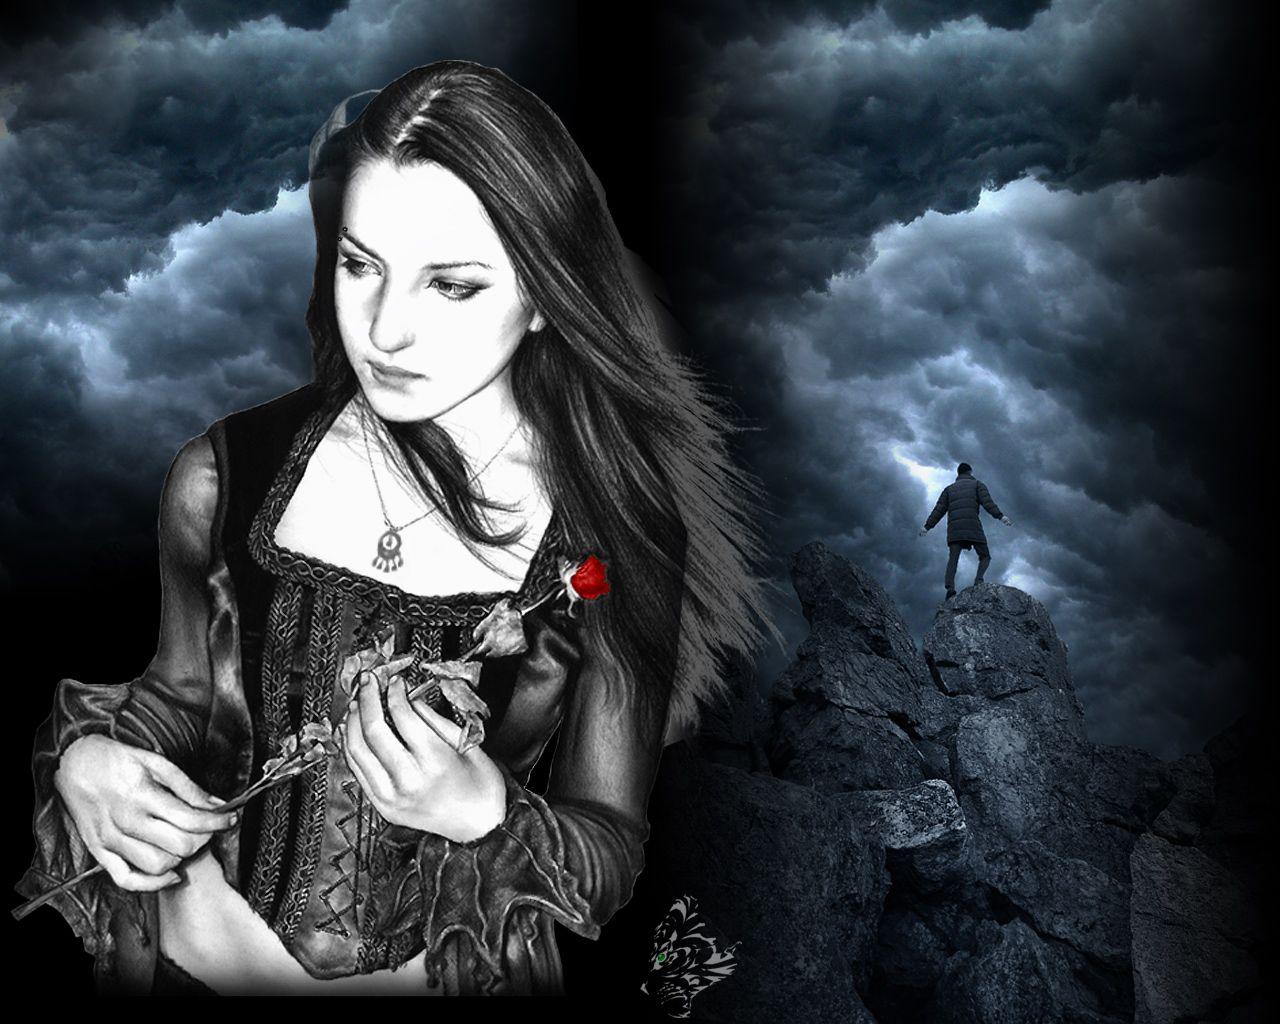 Dark Gothic Wallpaper 1280x1024 Dark Gothic Goth Punk Rockabilly